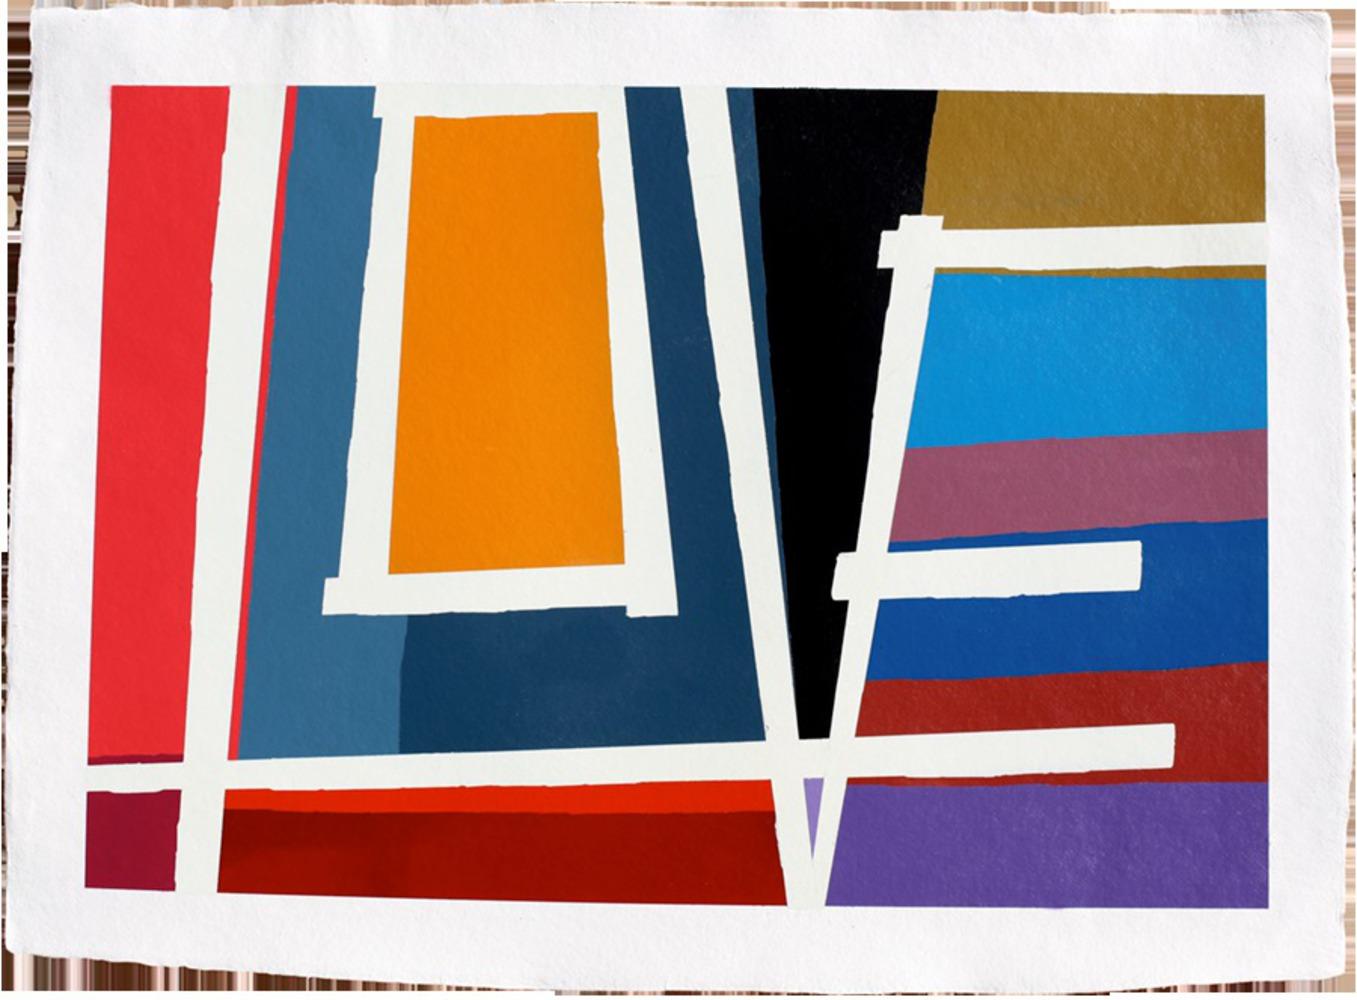 Charlie edmiston paintings 5.thumb